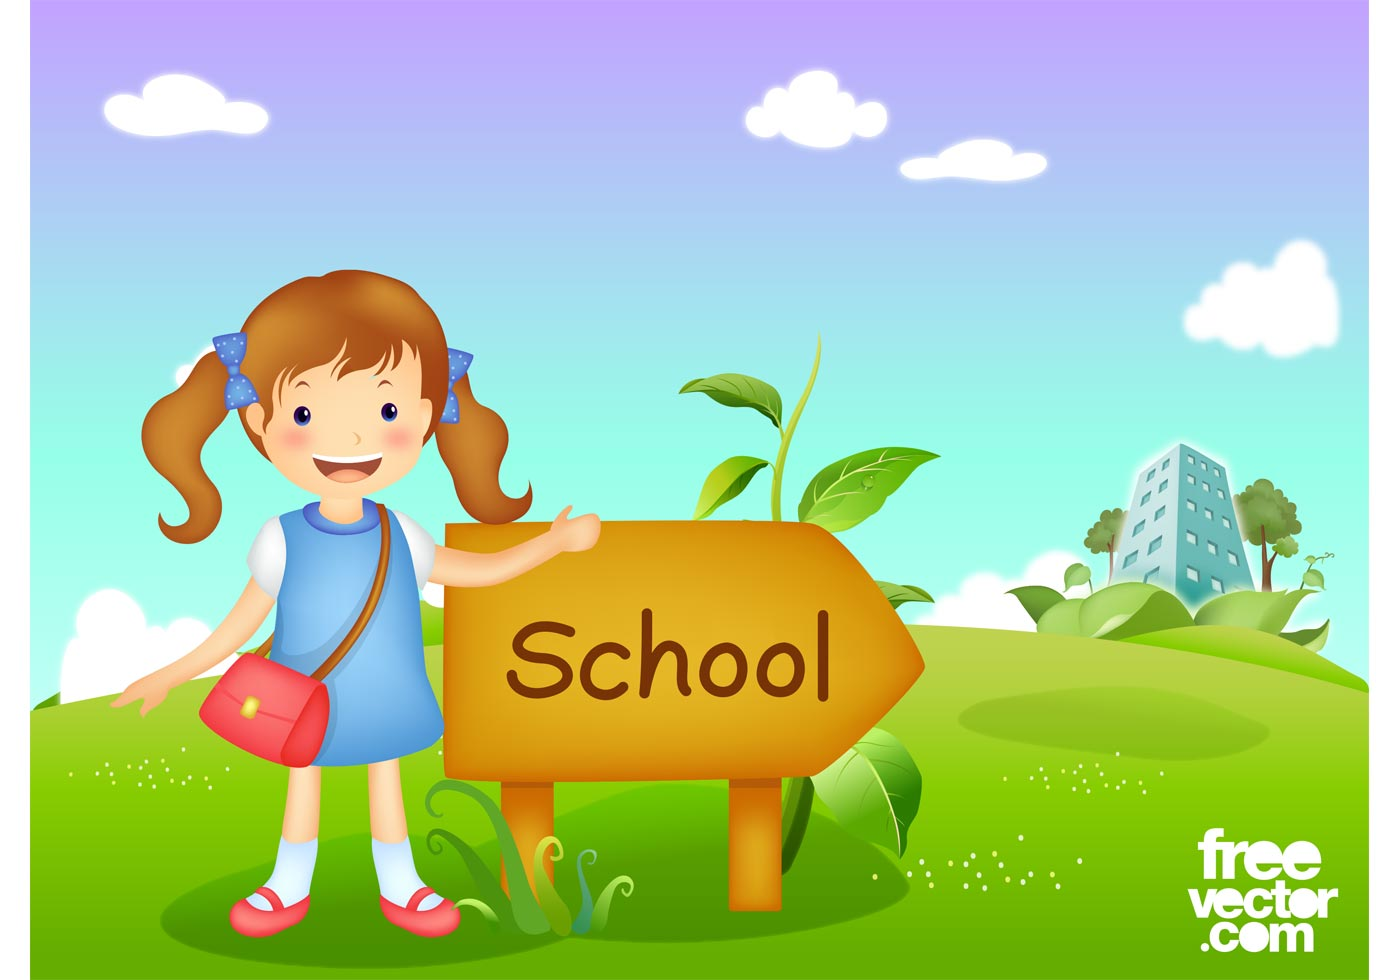 Back To School Vector - Download Free Vector Art, Stock ...